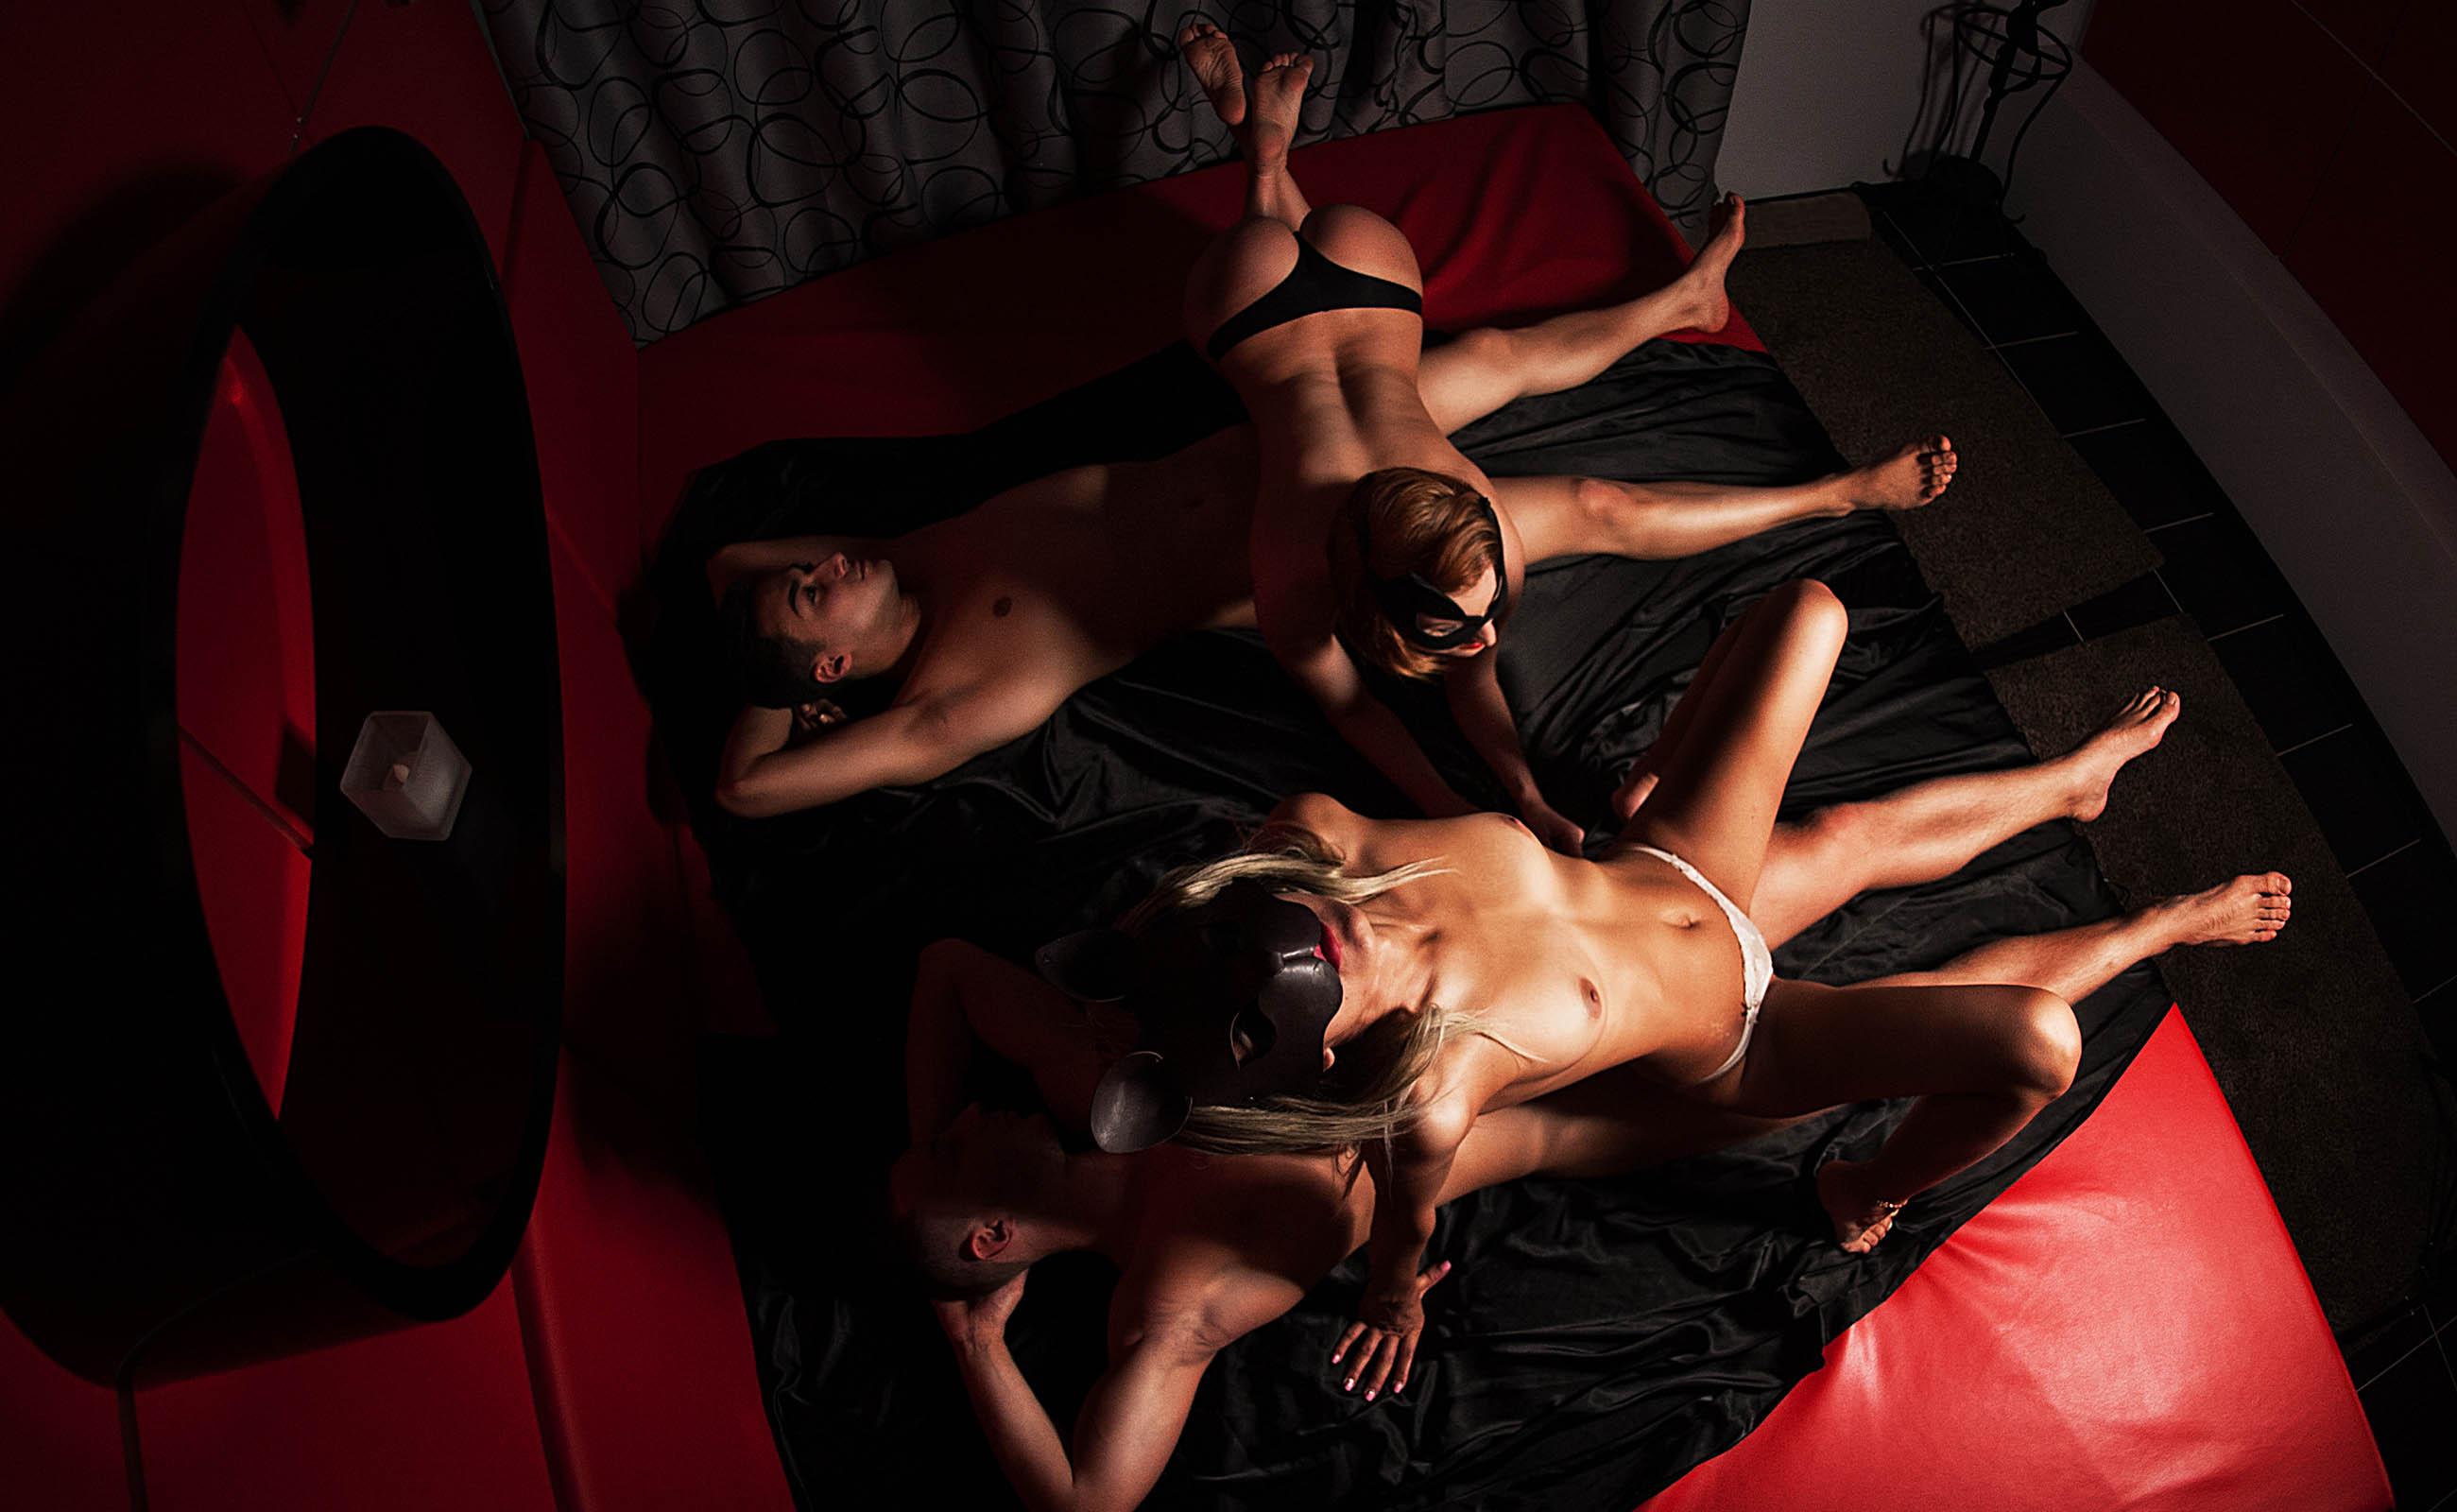 salon-eroticheskogo-massazha-video